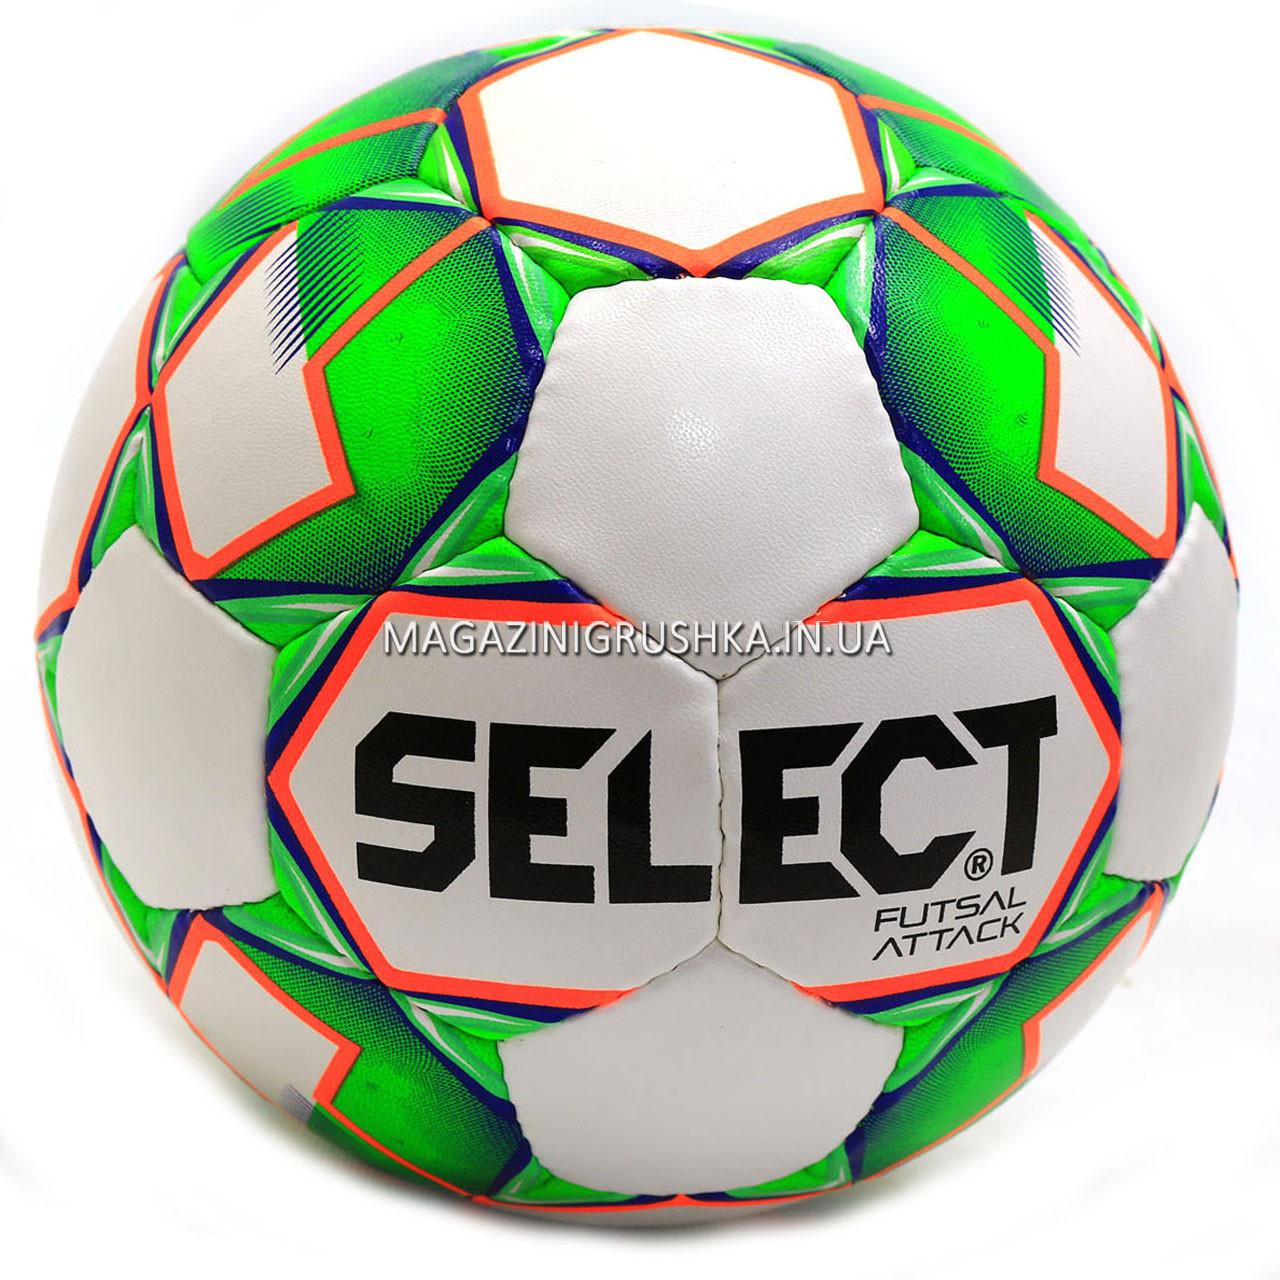 М'яч футзальний SELECT Futsal Attack Grain - 4